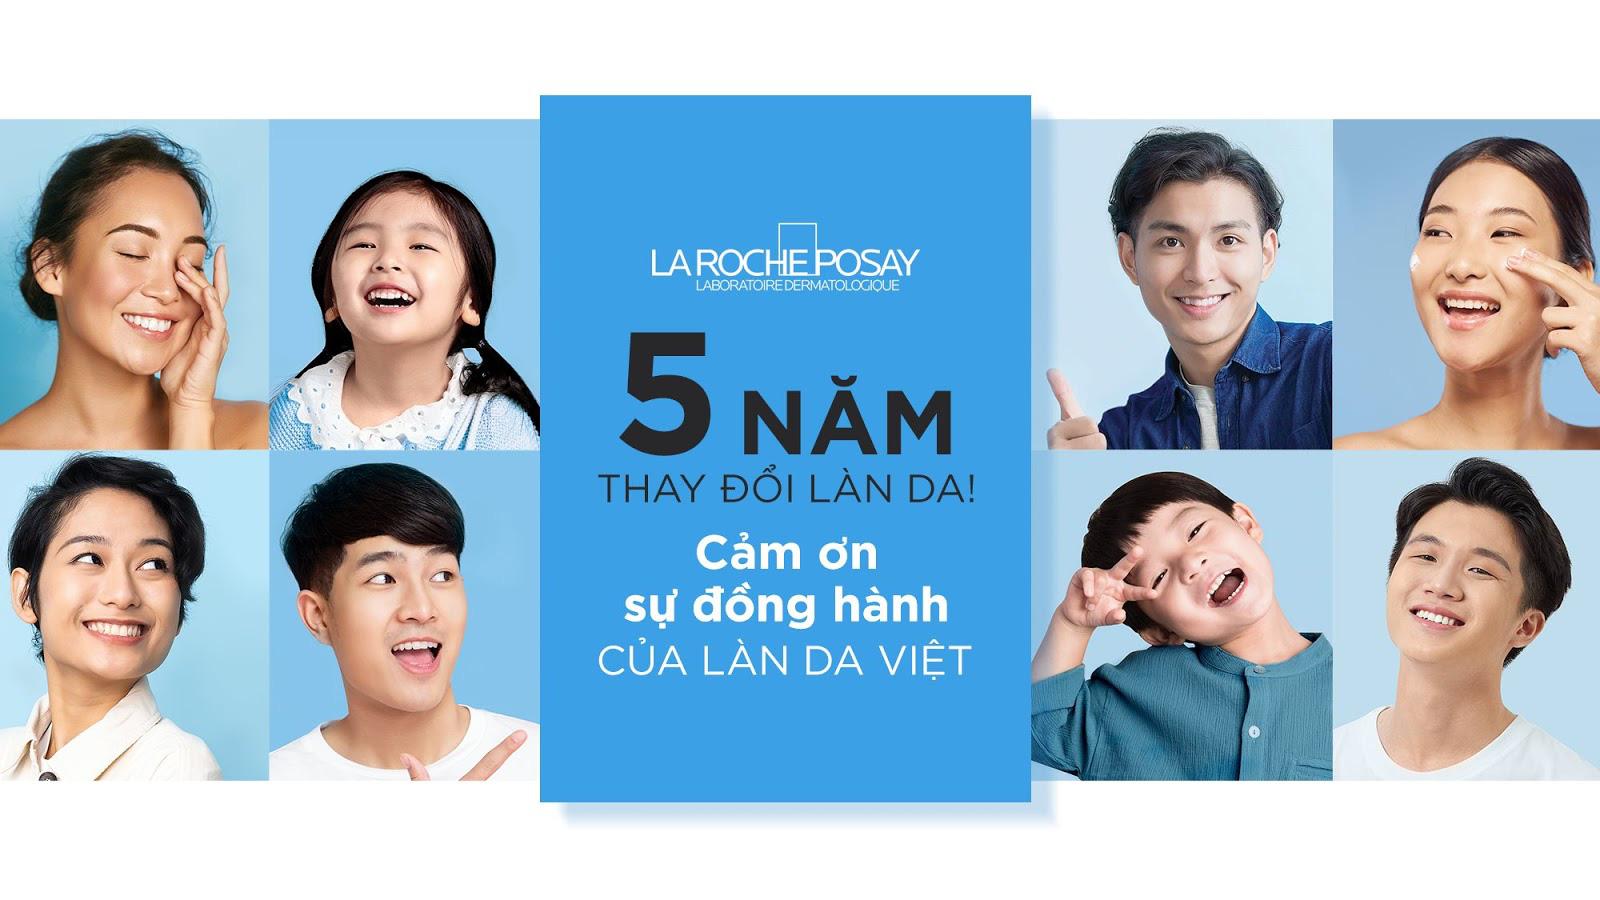 La Roche Posay và Shopee - Cảm ơn bạn cùng hành trình 5 năm thay đổi làn da tại Việt Nam - Ảnh 1.